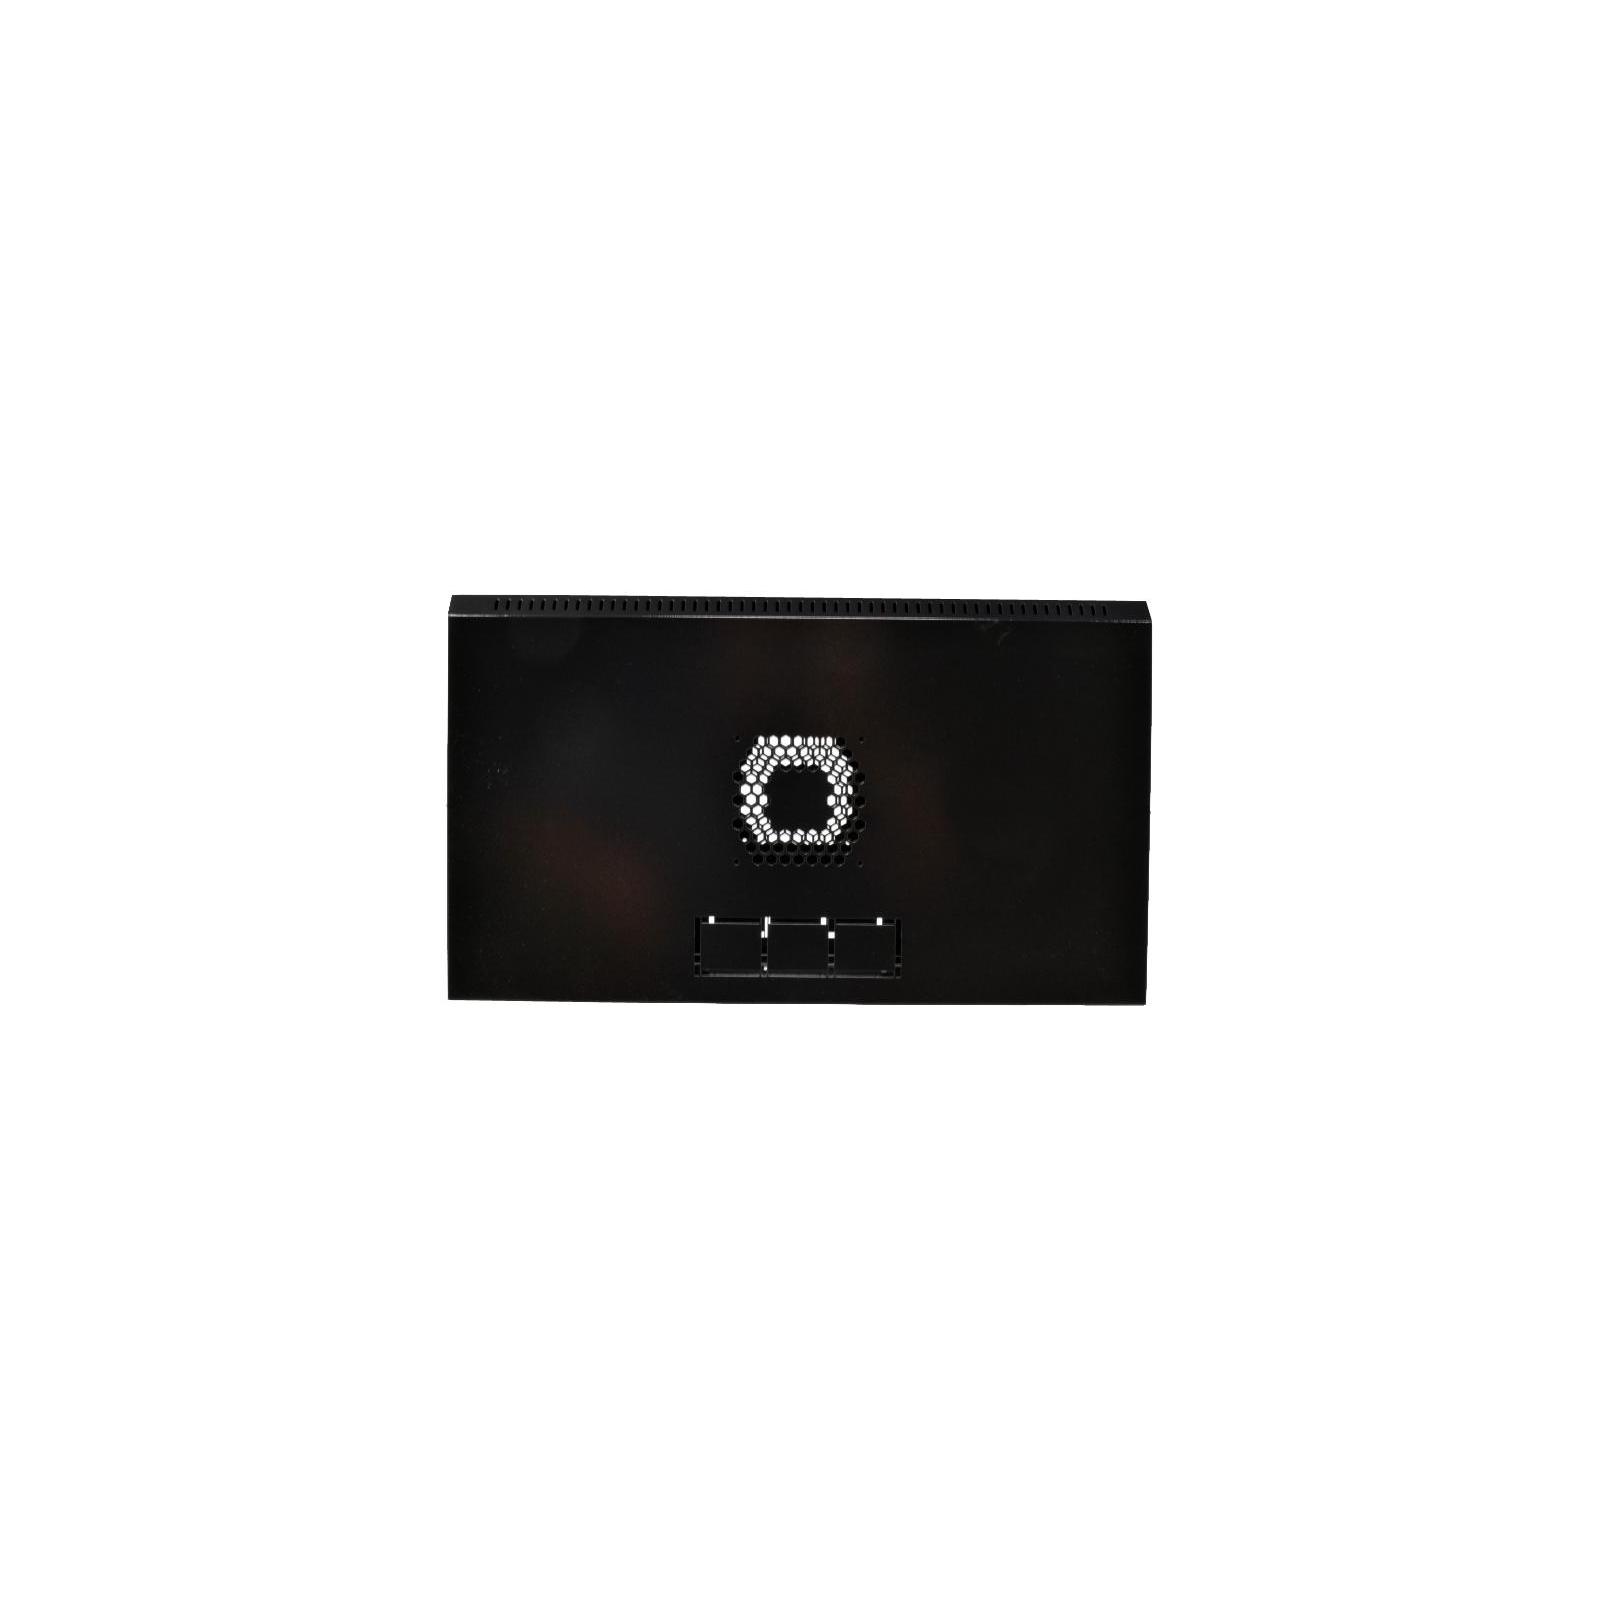 Шкаф настенный CMS 6U 600*350*373mm (UA-MGSWL635B) изображение 6